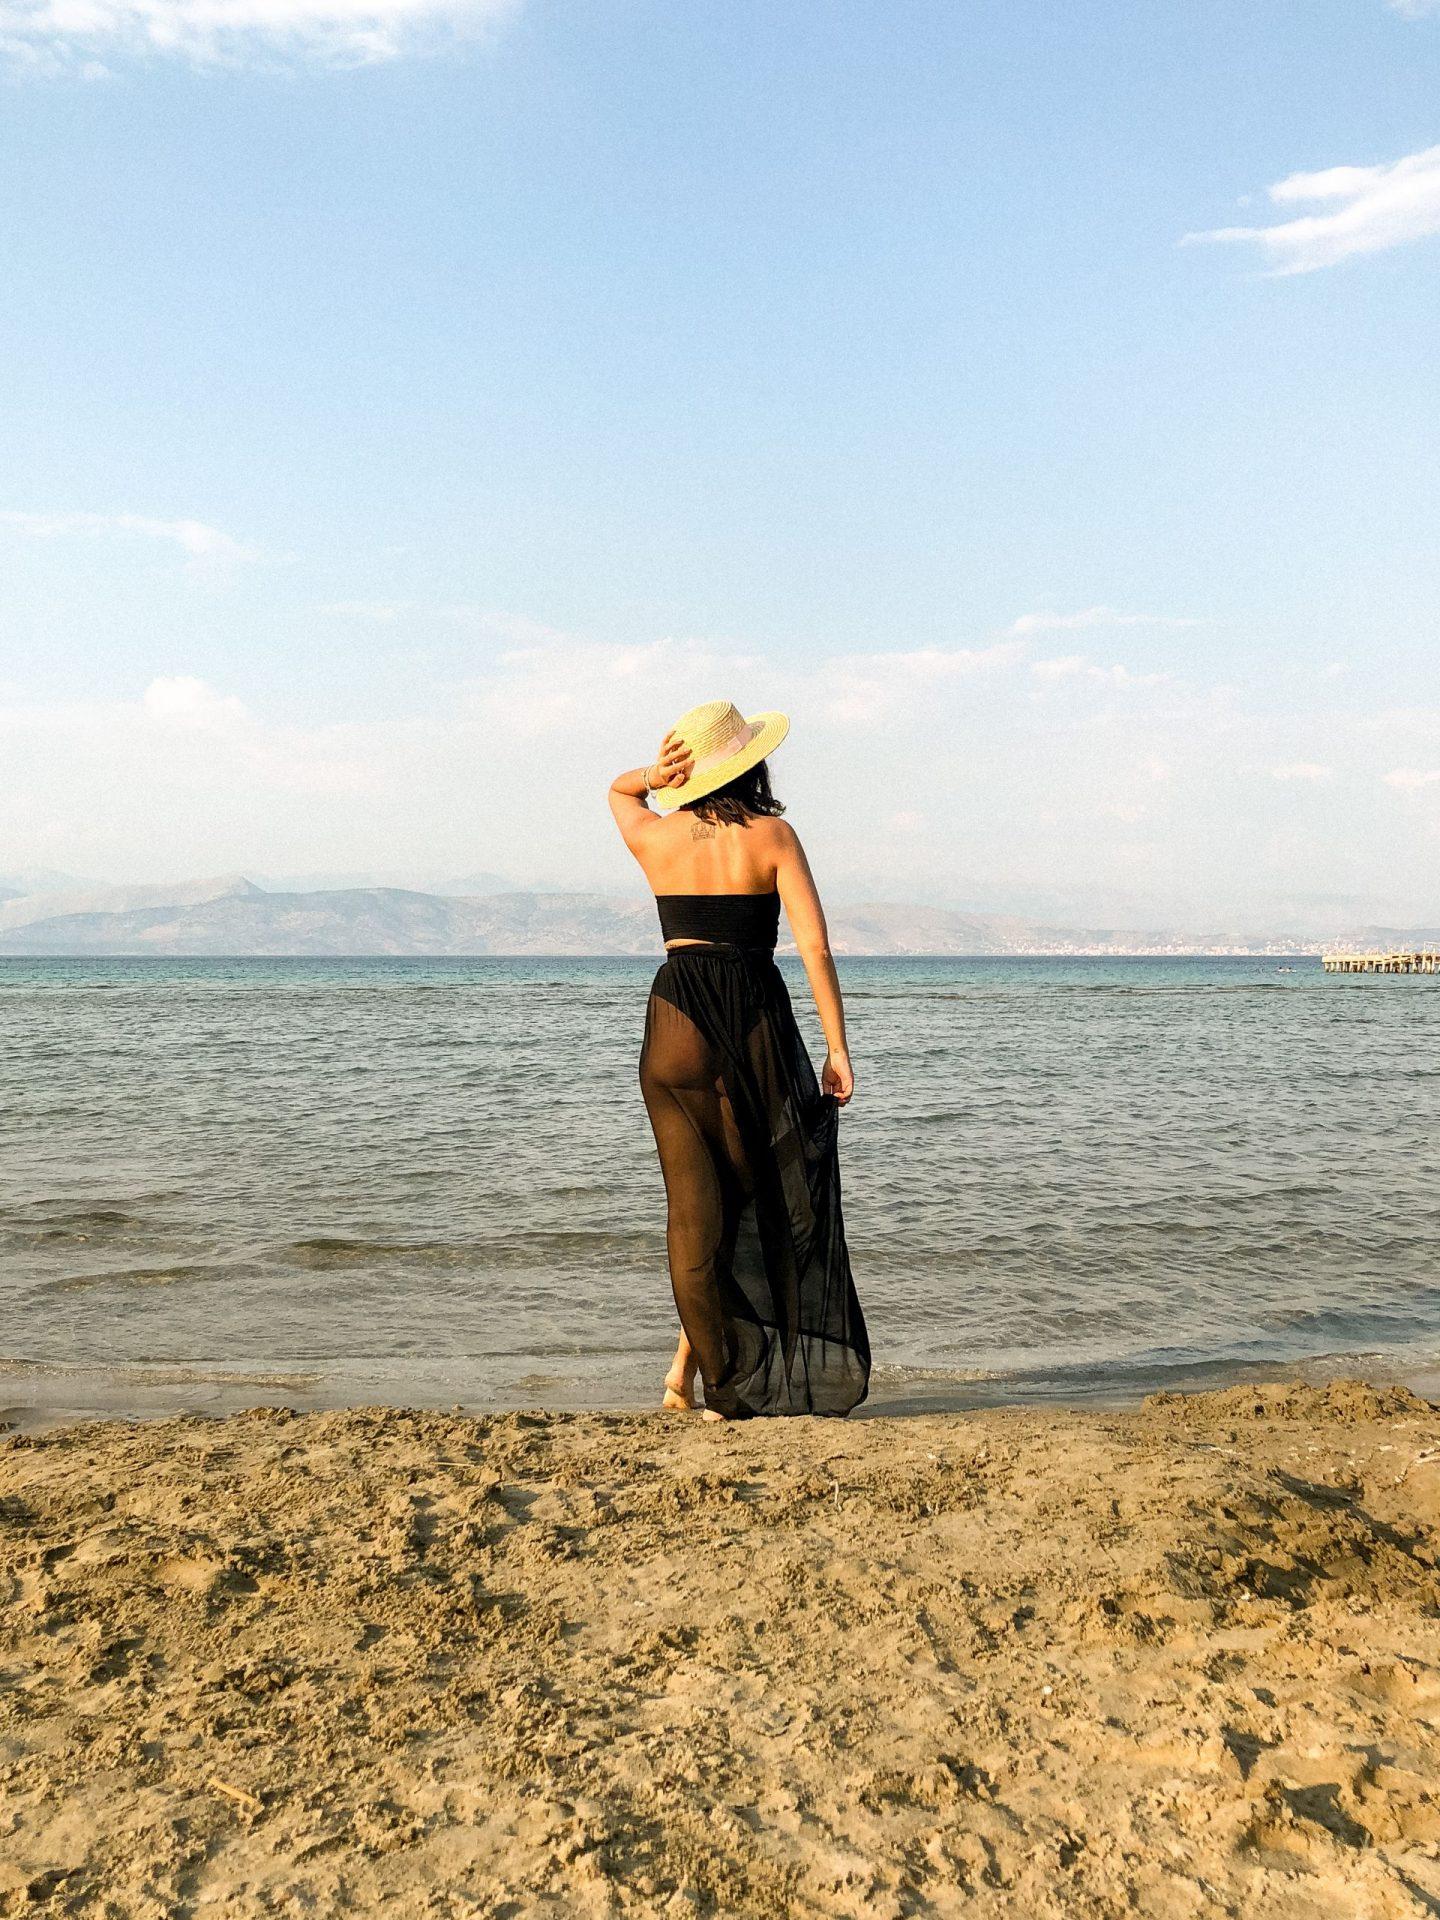 apraos beach, corfu